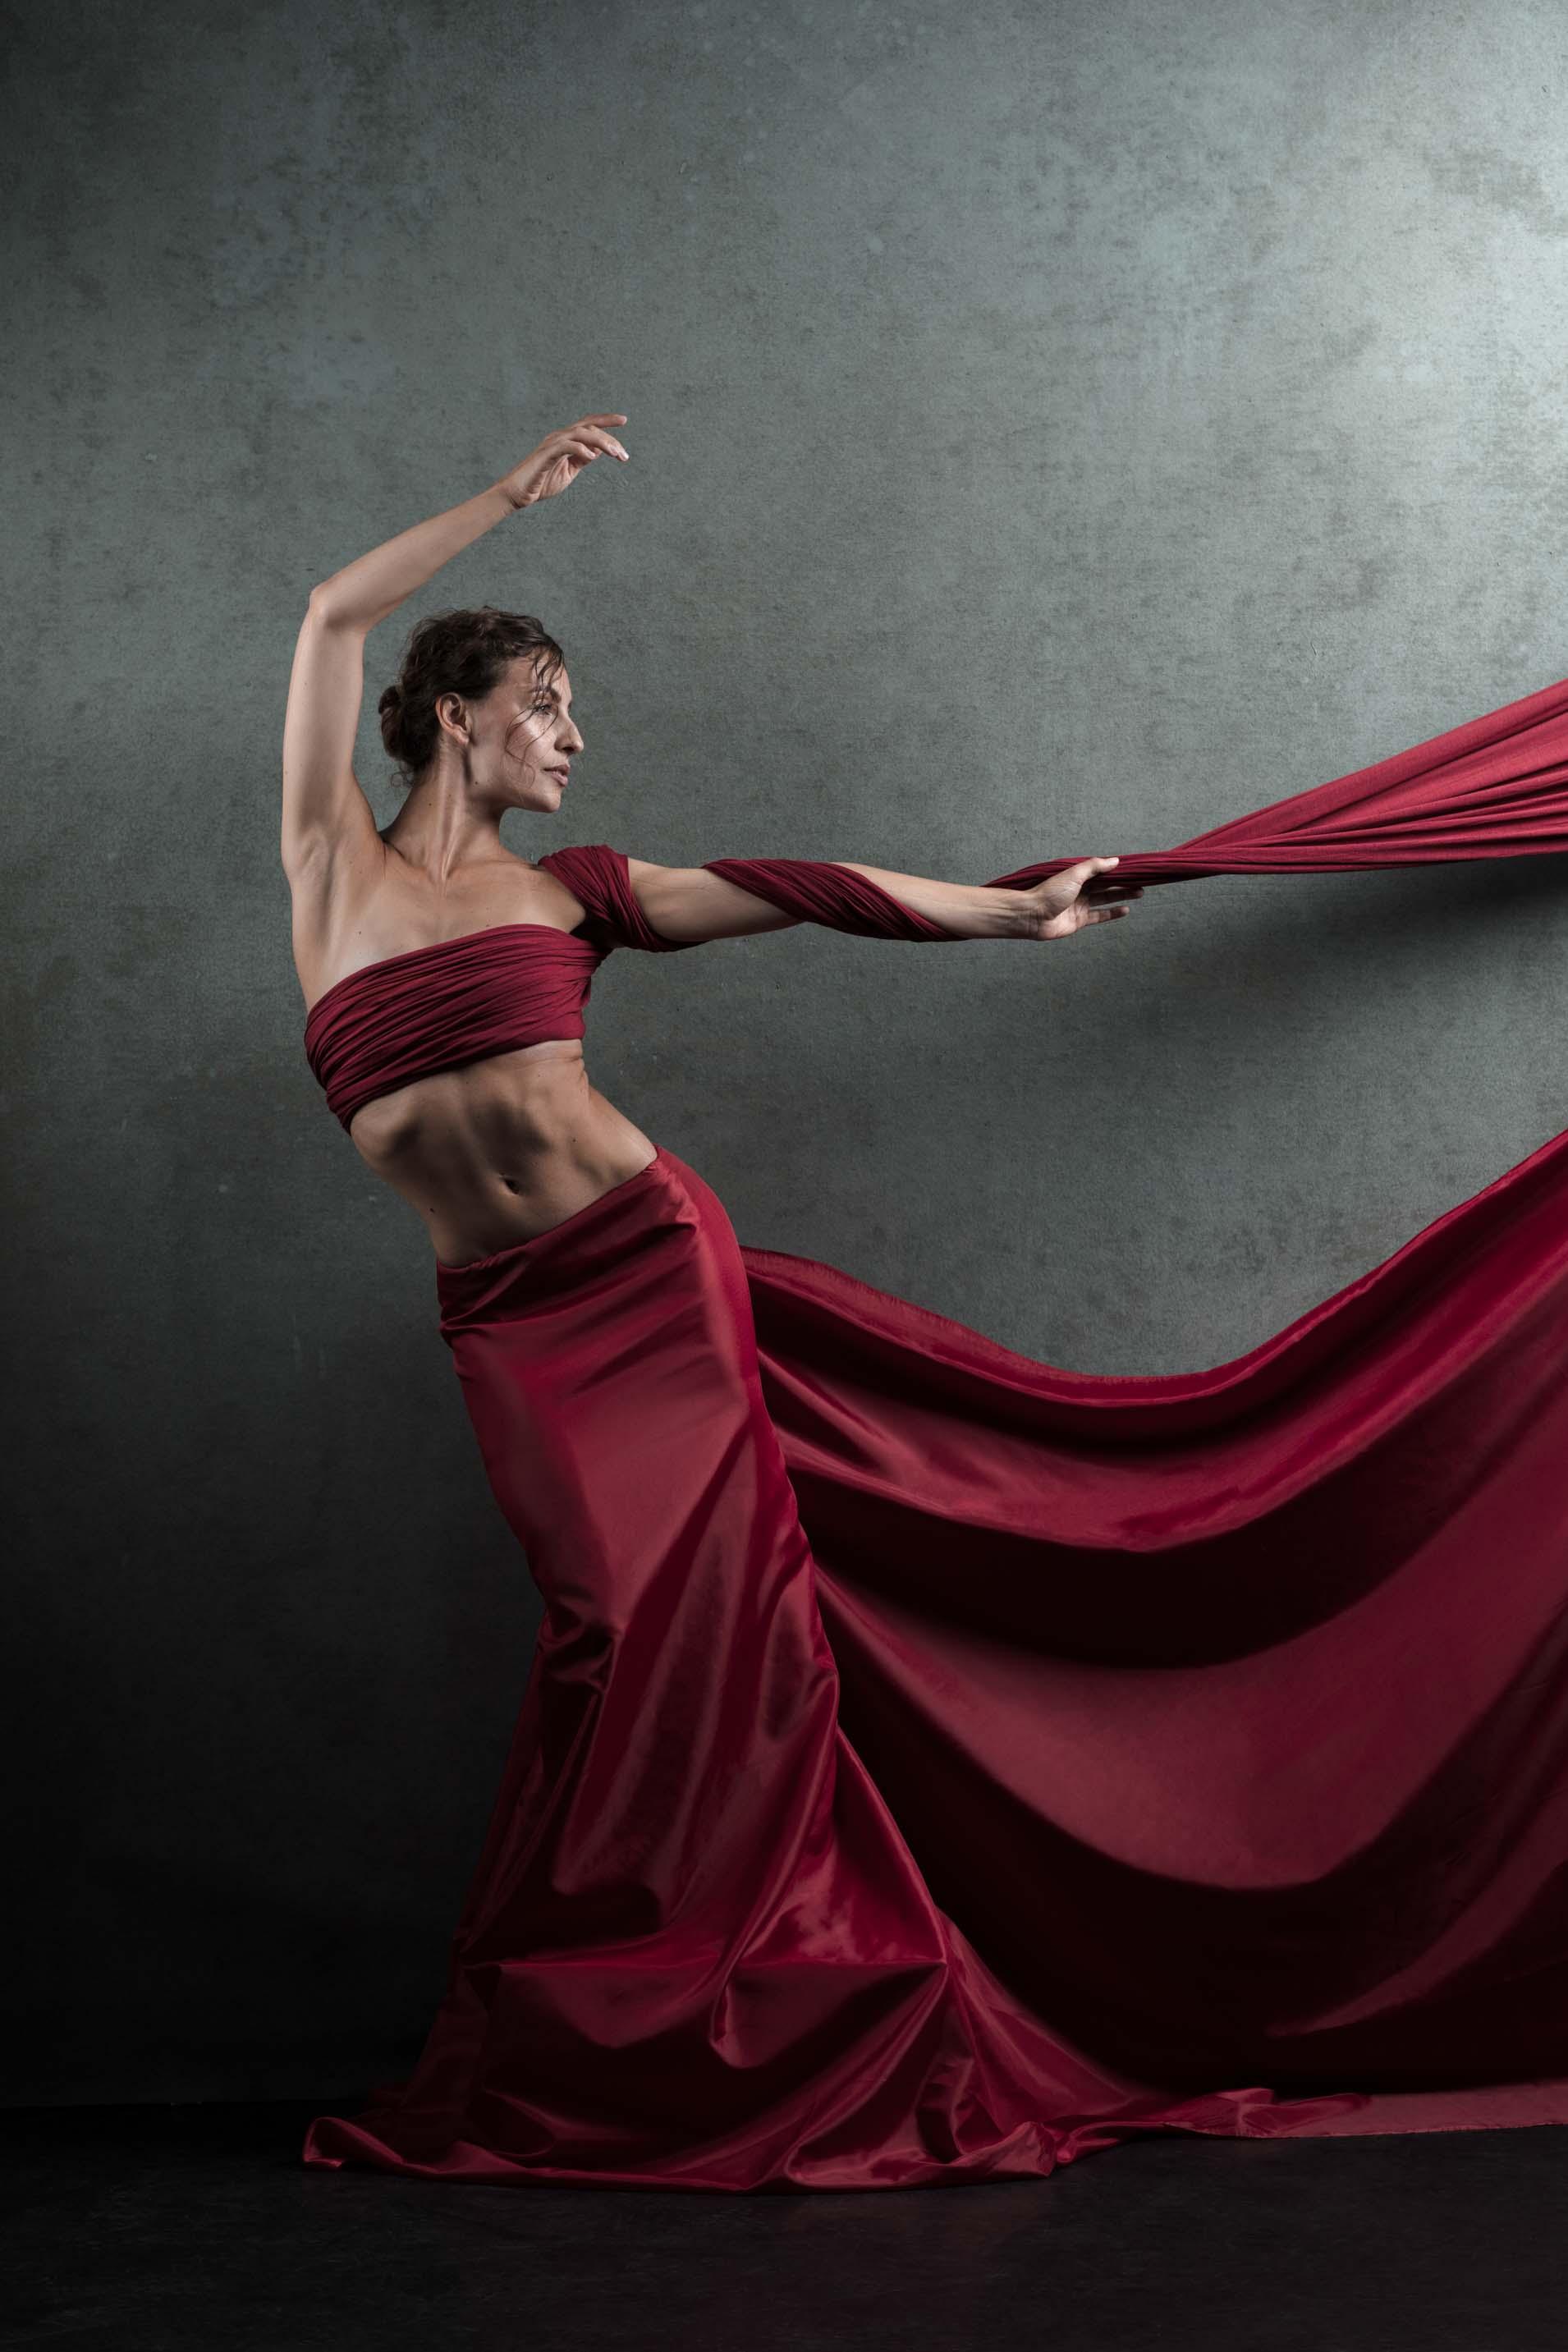 ballet-dancer-turban.jpg